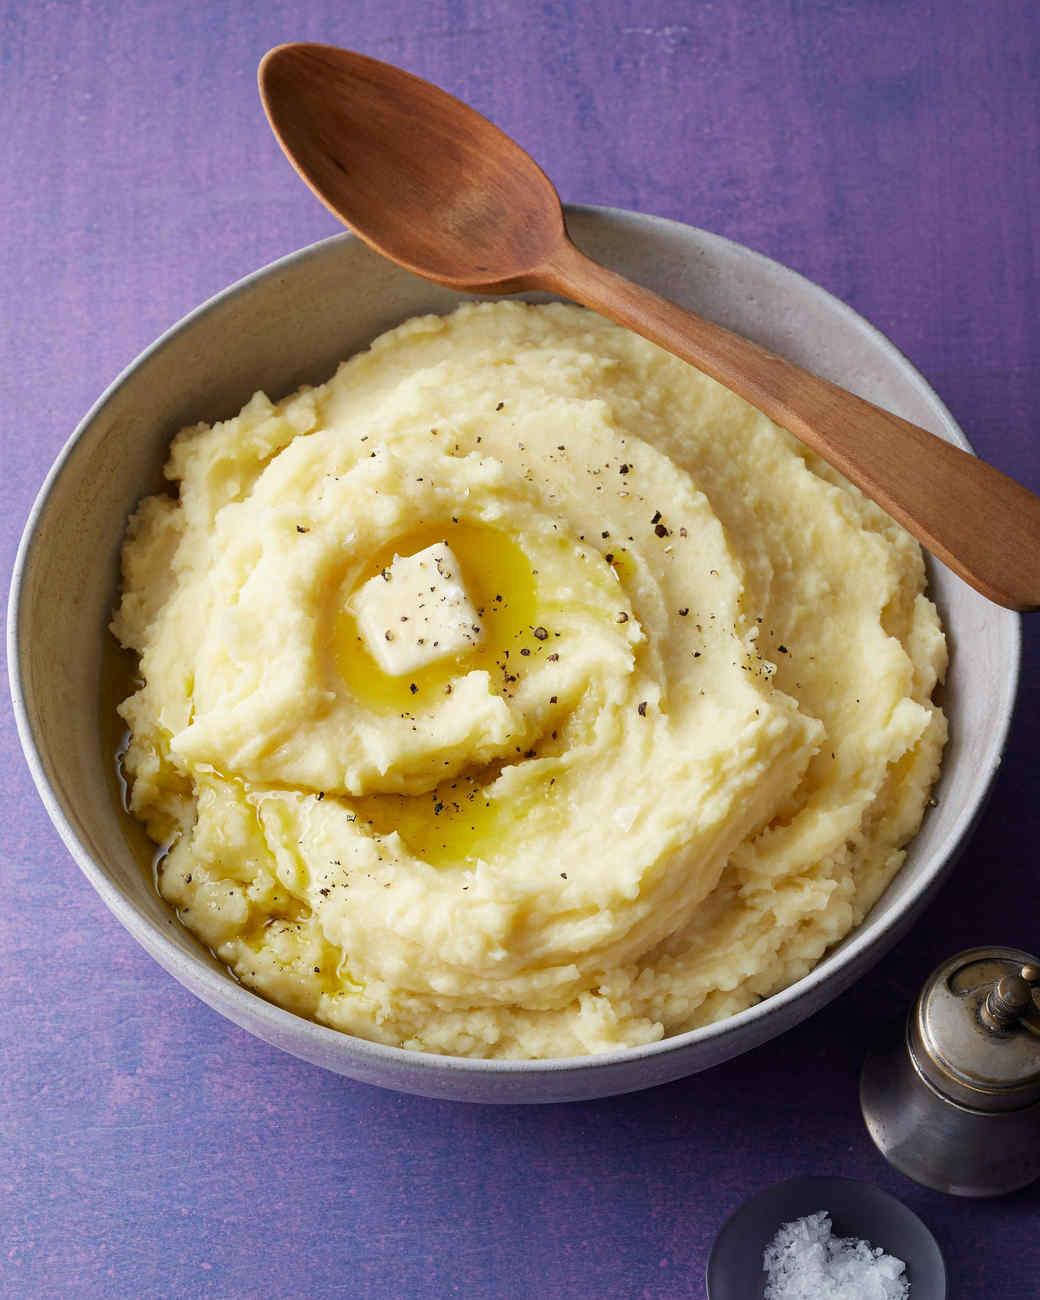 Garlic-Thyme Mashed Potatoes